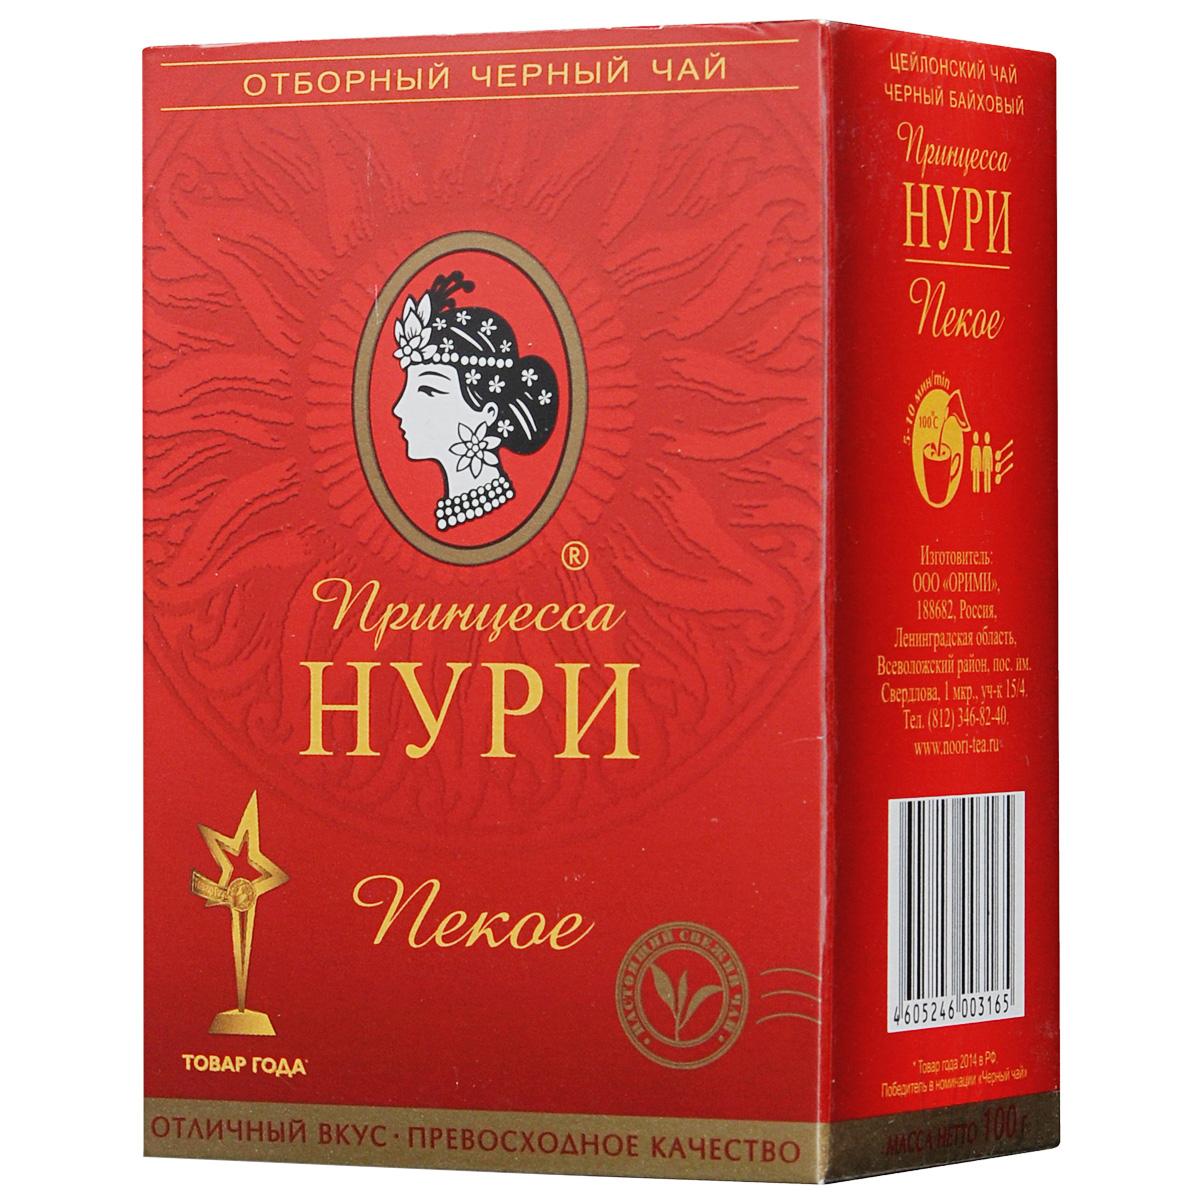 Принцесса Нури Пекое черный листовой чай, 100 г0316-60Принцесса Нури Пекое - цейлонский крупнолистовой черный чай стандарта Pekoe. При создании этого красивого чая листики чайного куста скручиваются не вдоль, как обычно, а поперек. После такой обработки чай лучше сохраняет свой вкус, но подвергать ей можно не все листья, а только самые молодые и нежные - то есть самые сочные. Чай отличается насыщенным благородным вкусом, крепостью, нежным ароматом и красивым ярким настоем.